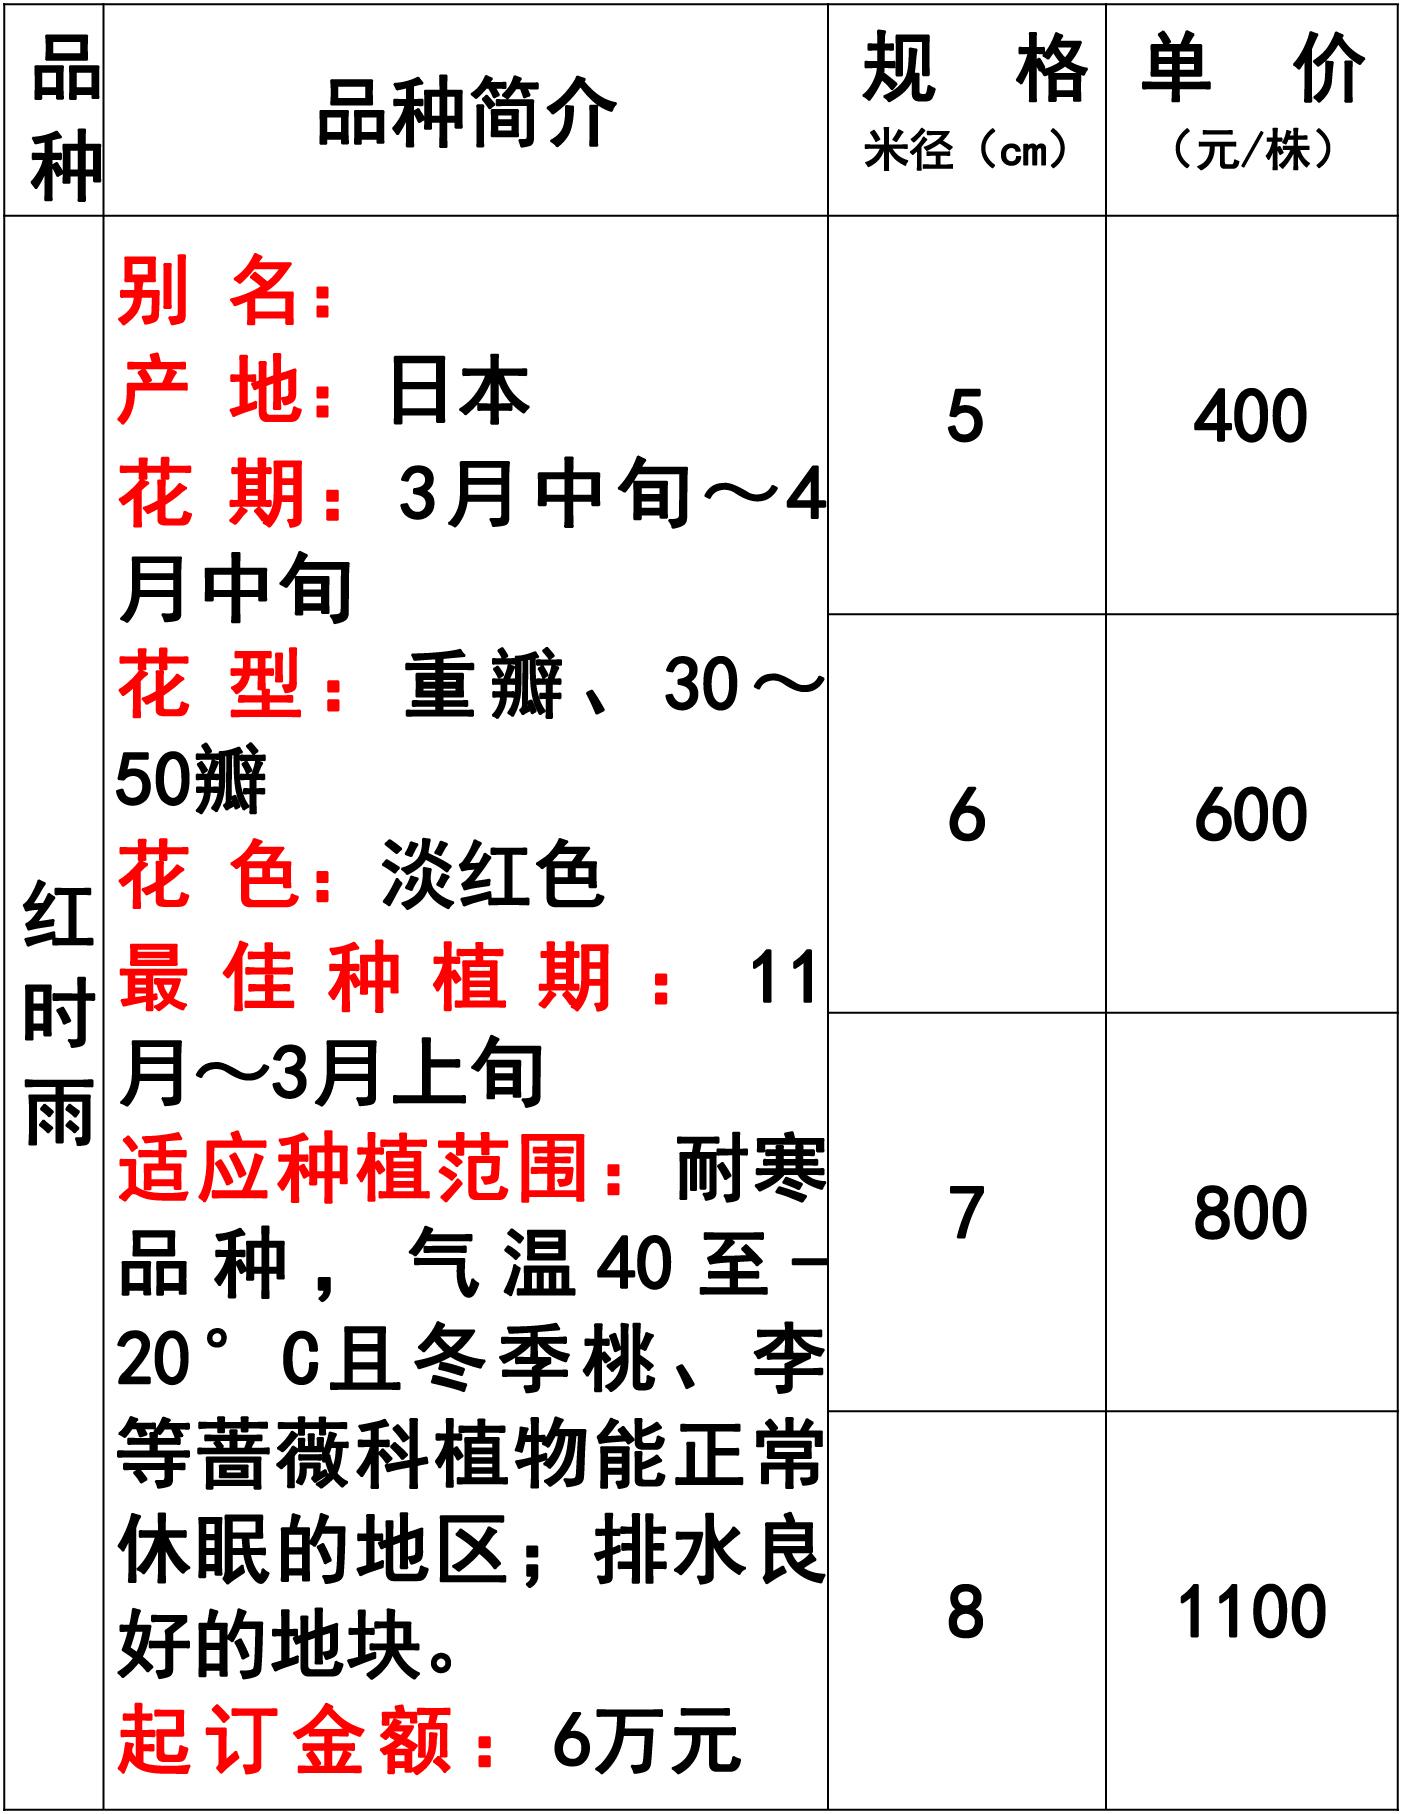 网站价格表-42 副本.jpg